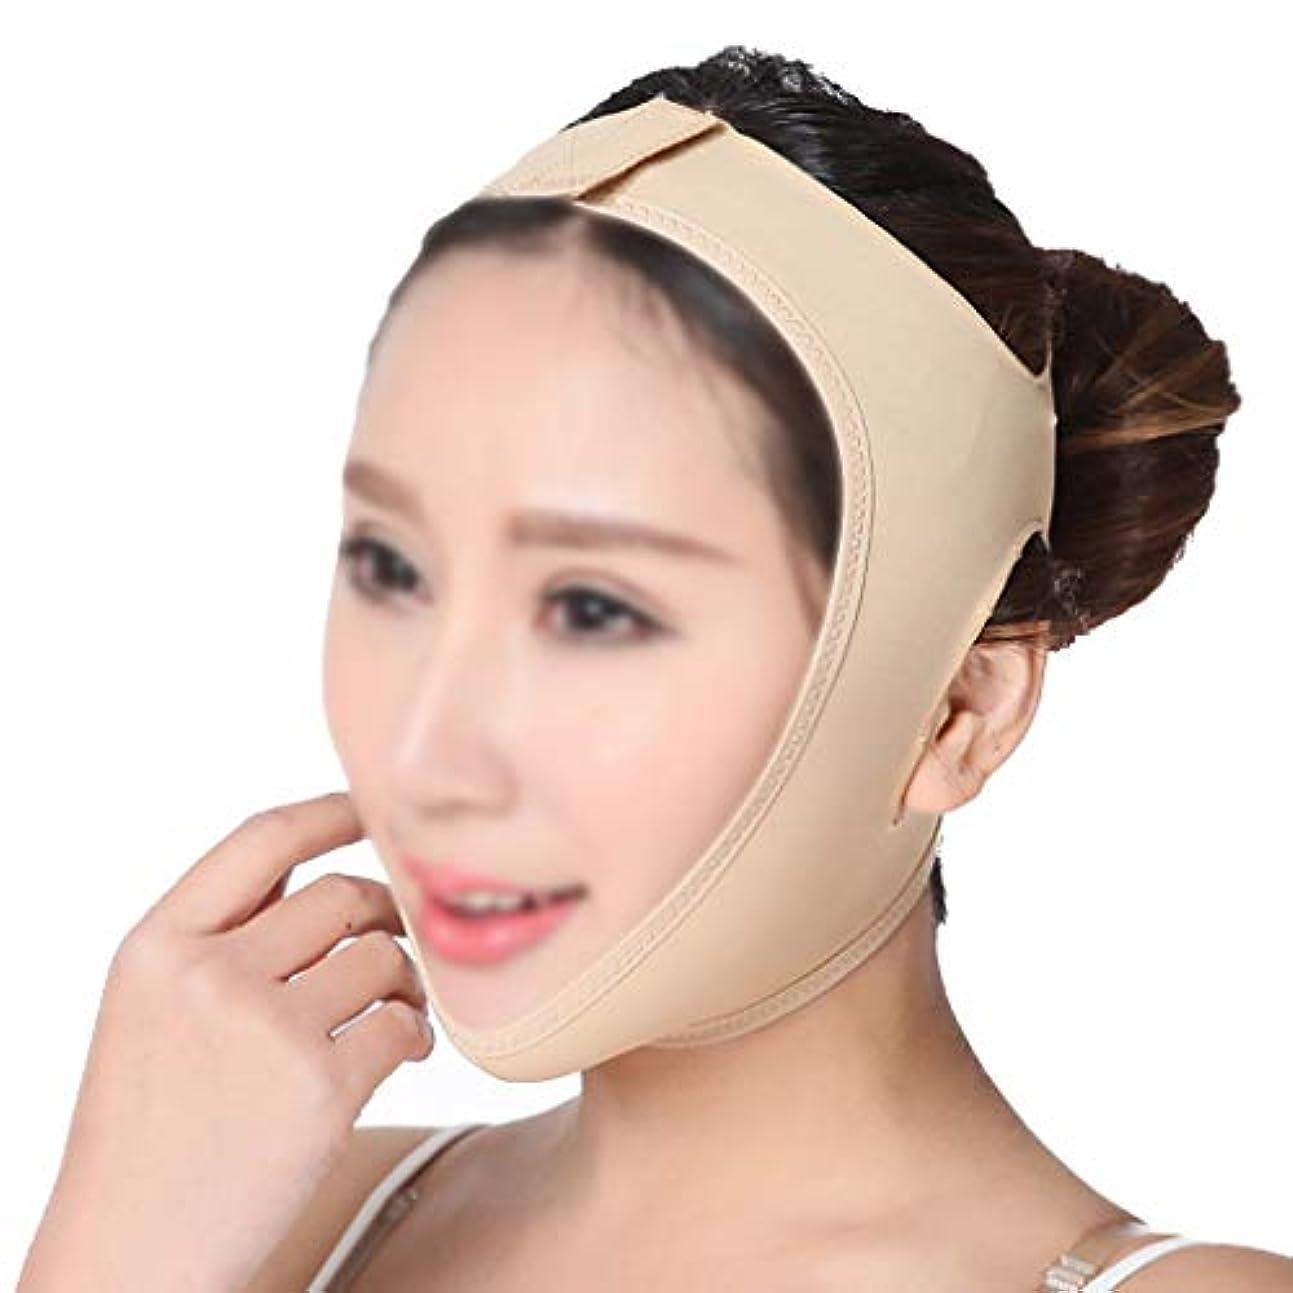 アーサー件名精査フェイスリフティングマスク、持ち上がるあごと顔の肌、垂れ下がるのを防ぐ頬、快適で通気性のある生地、詰まることを拒否、身に着けやすい (Size : XL)